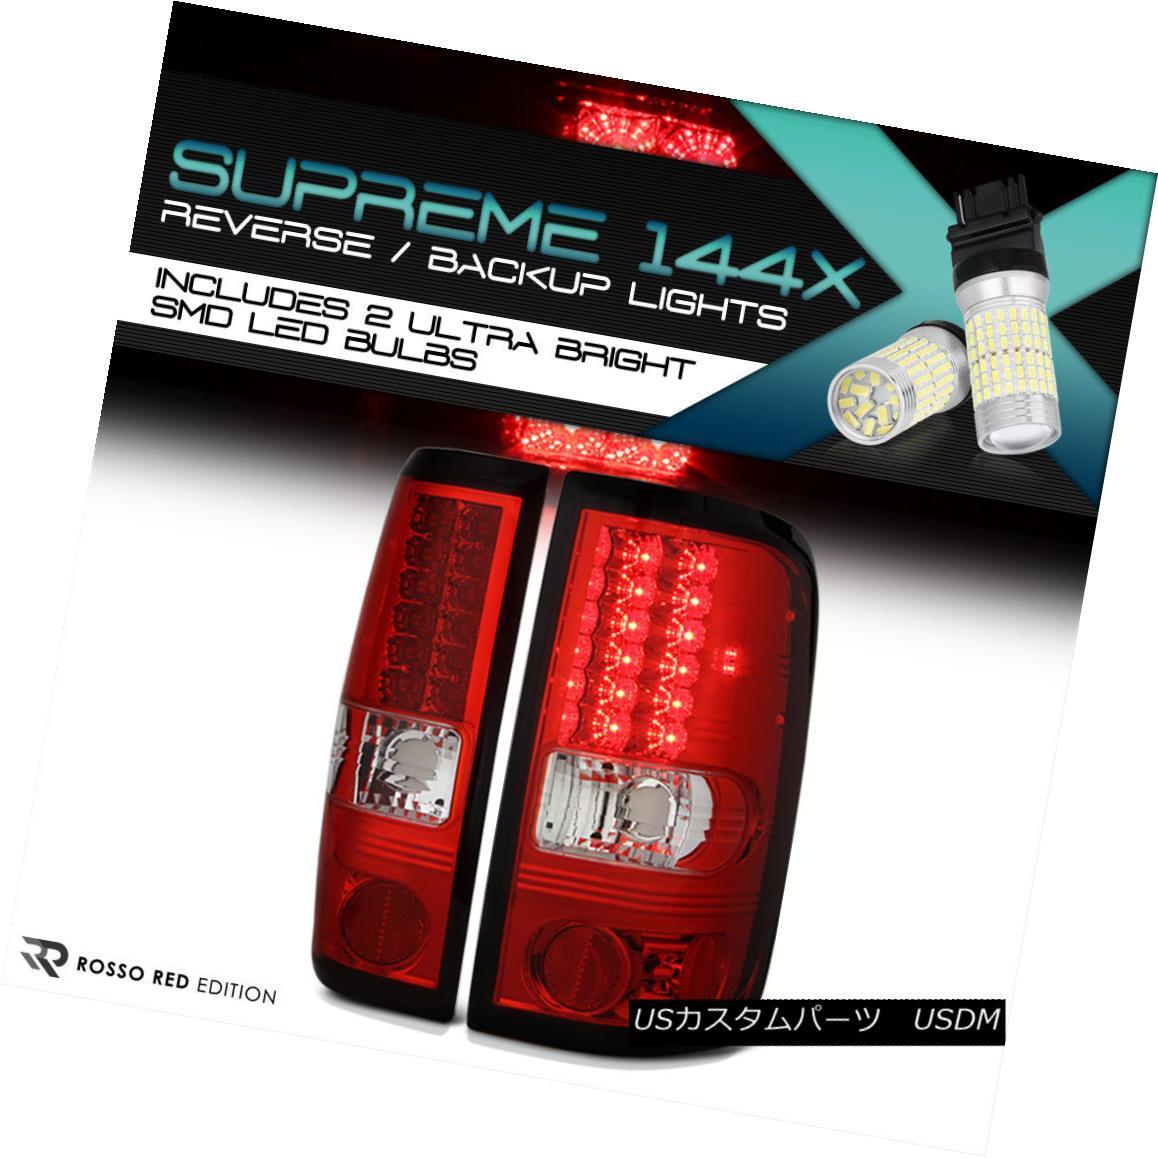 テールライト [FULL SMD BACKUP] 2004-2008 Ford F150 Lobo RED LED Rear Tail Lights FX2 FX4 V8 [FULL SMD BACKUP] 2004-2008フォードF150ロボRED LEDリアテールライトFX2 FX4 V8